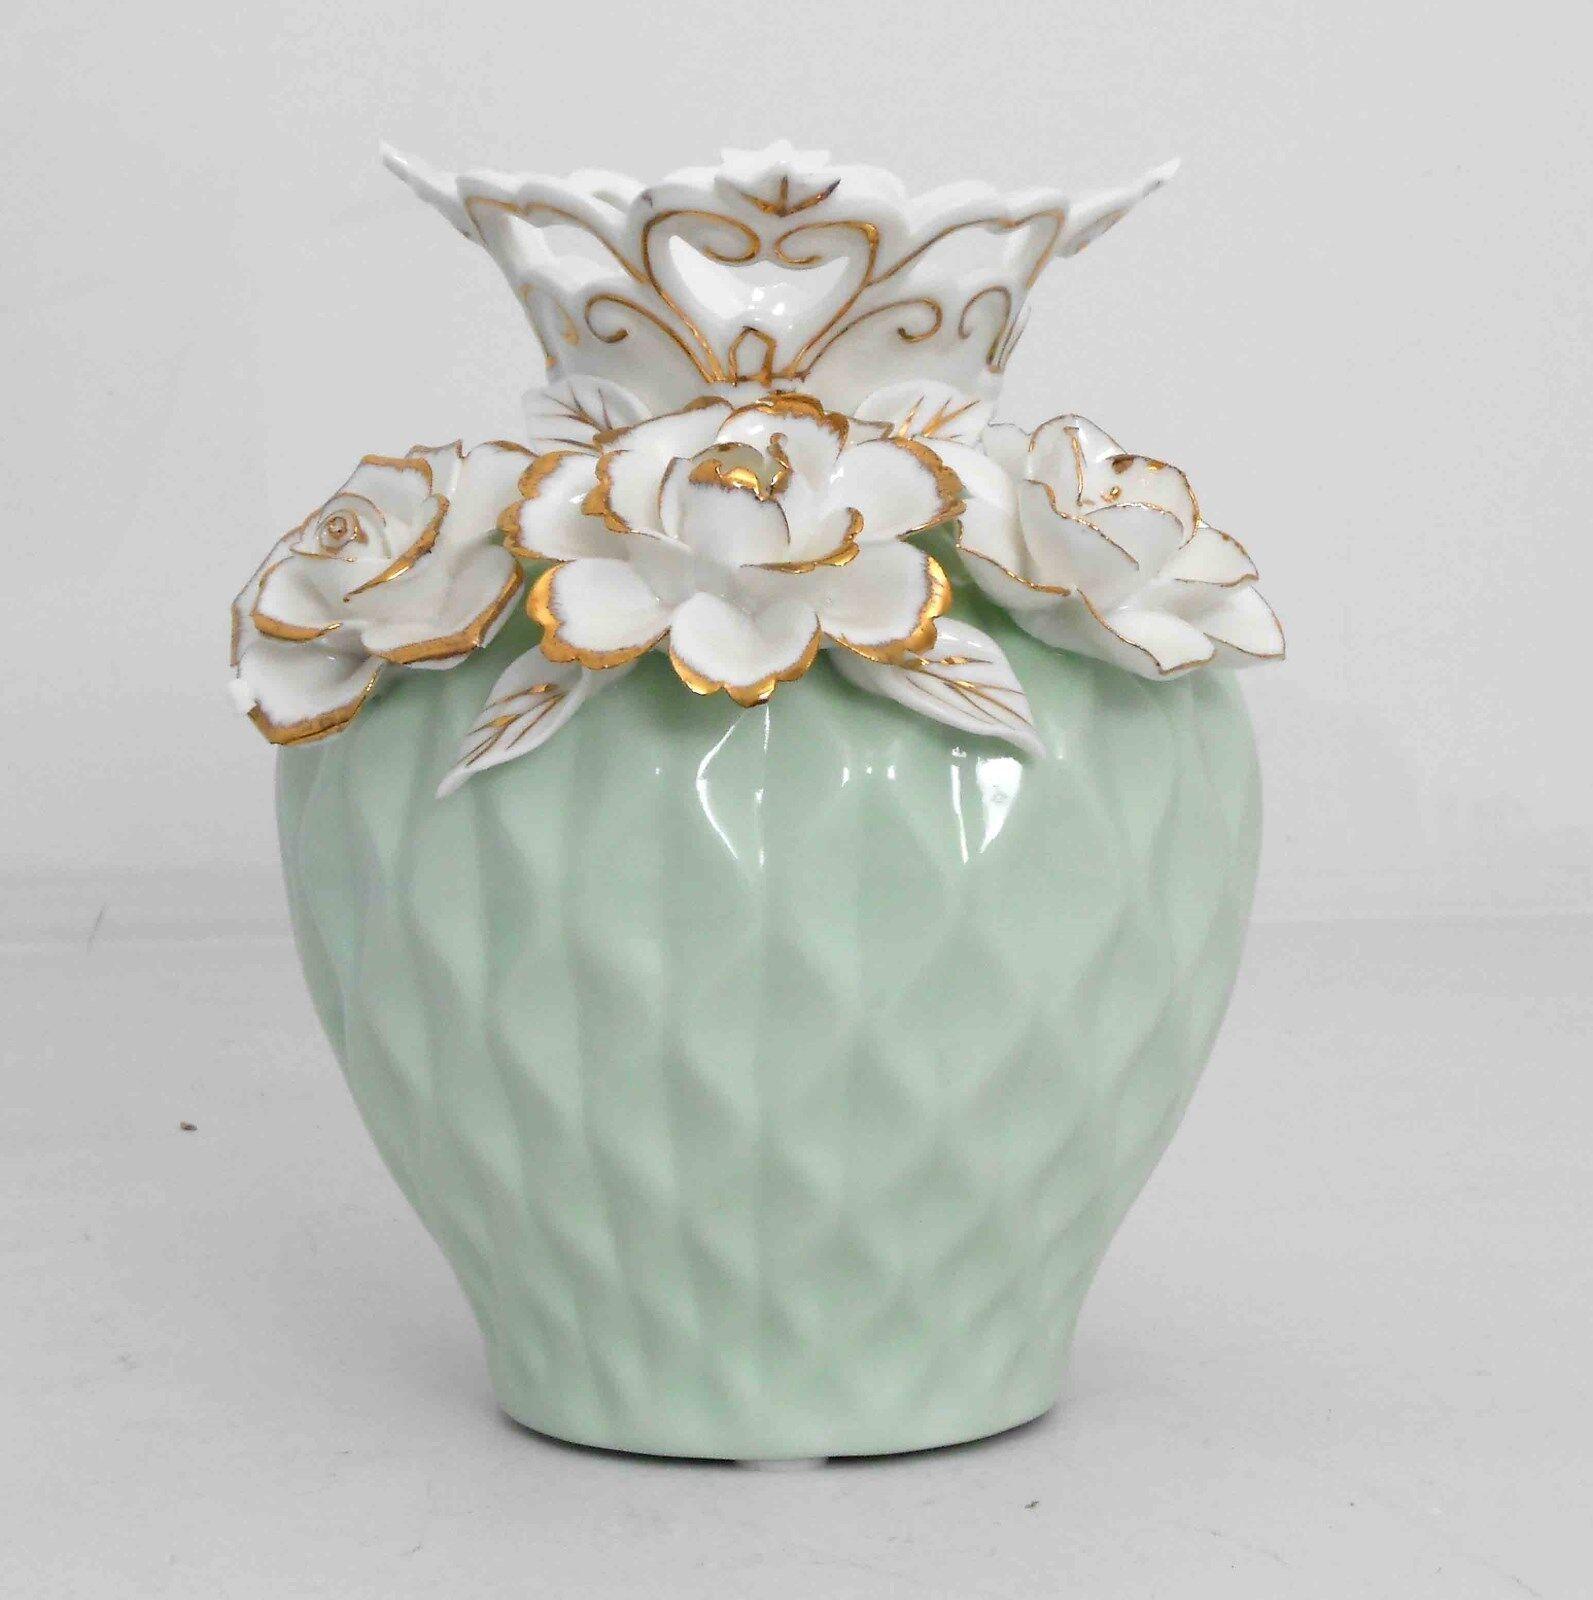 Florero de porcelana verde claro con Diseño de Flores Decoración Hogar Nº 1621